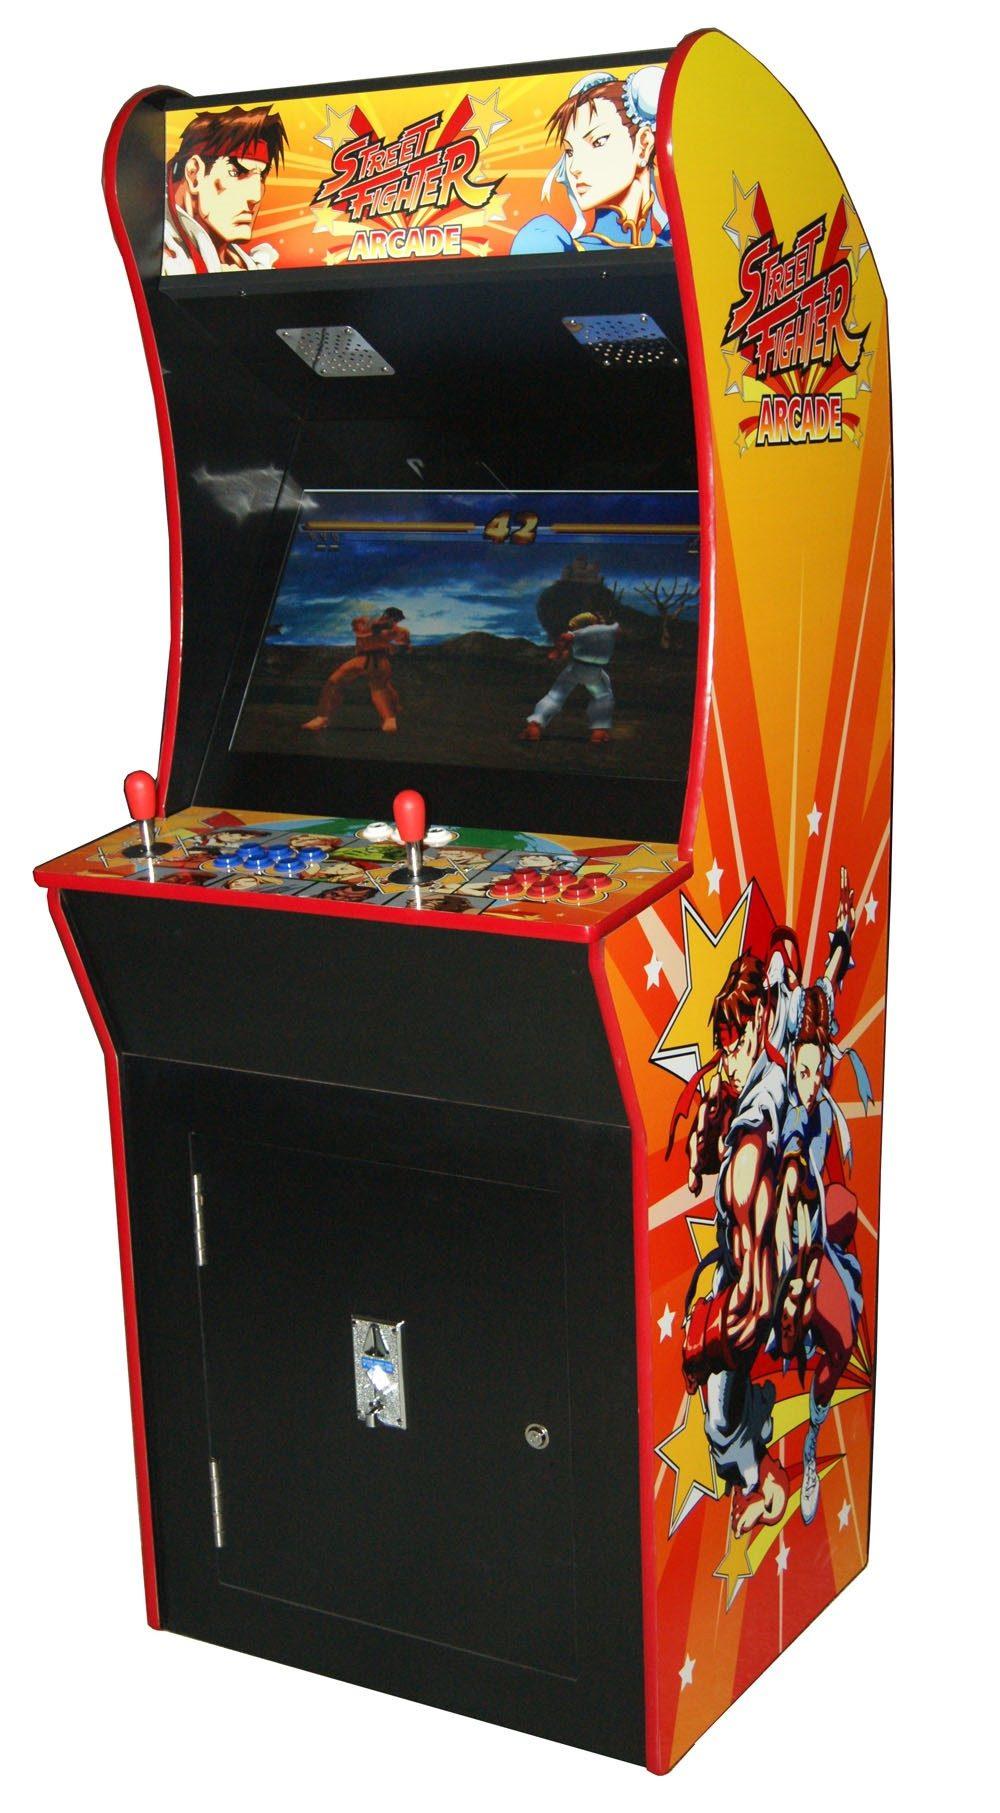 Arcade Rewind 2019 in 1 Upright Arcade Machine Street Fighter for sale Sydney